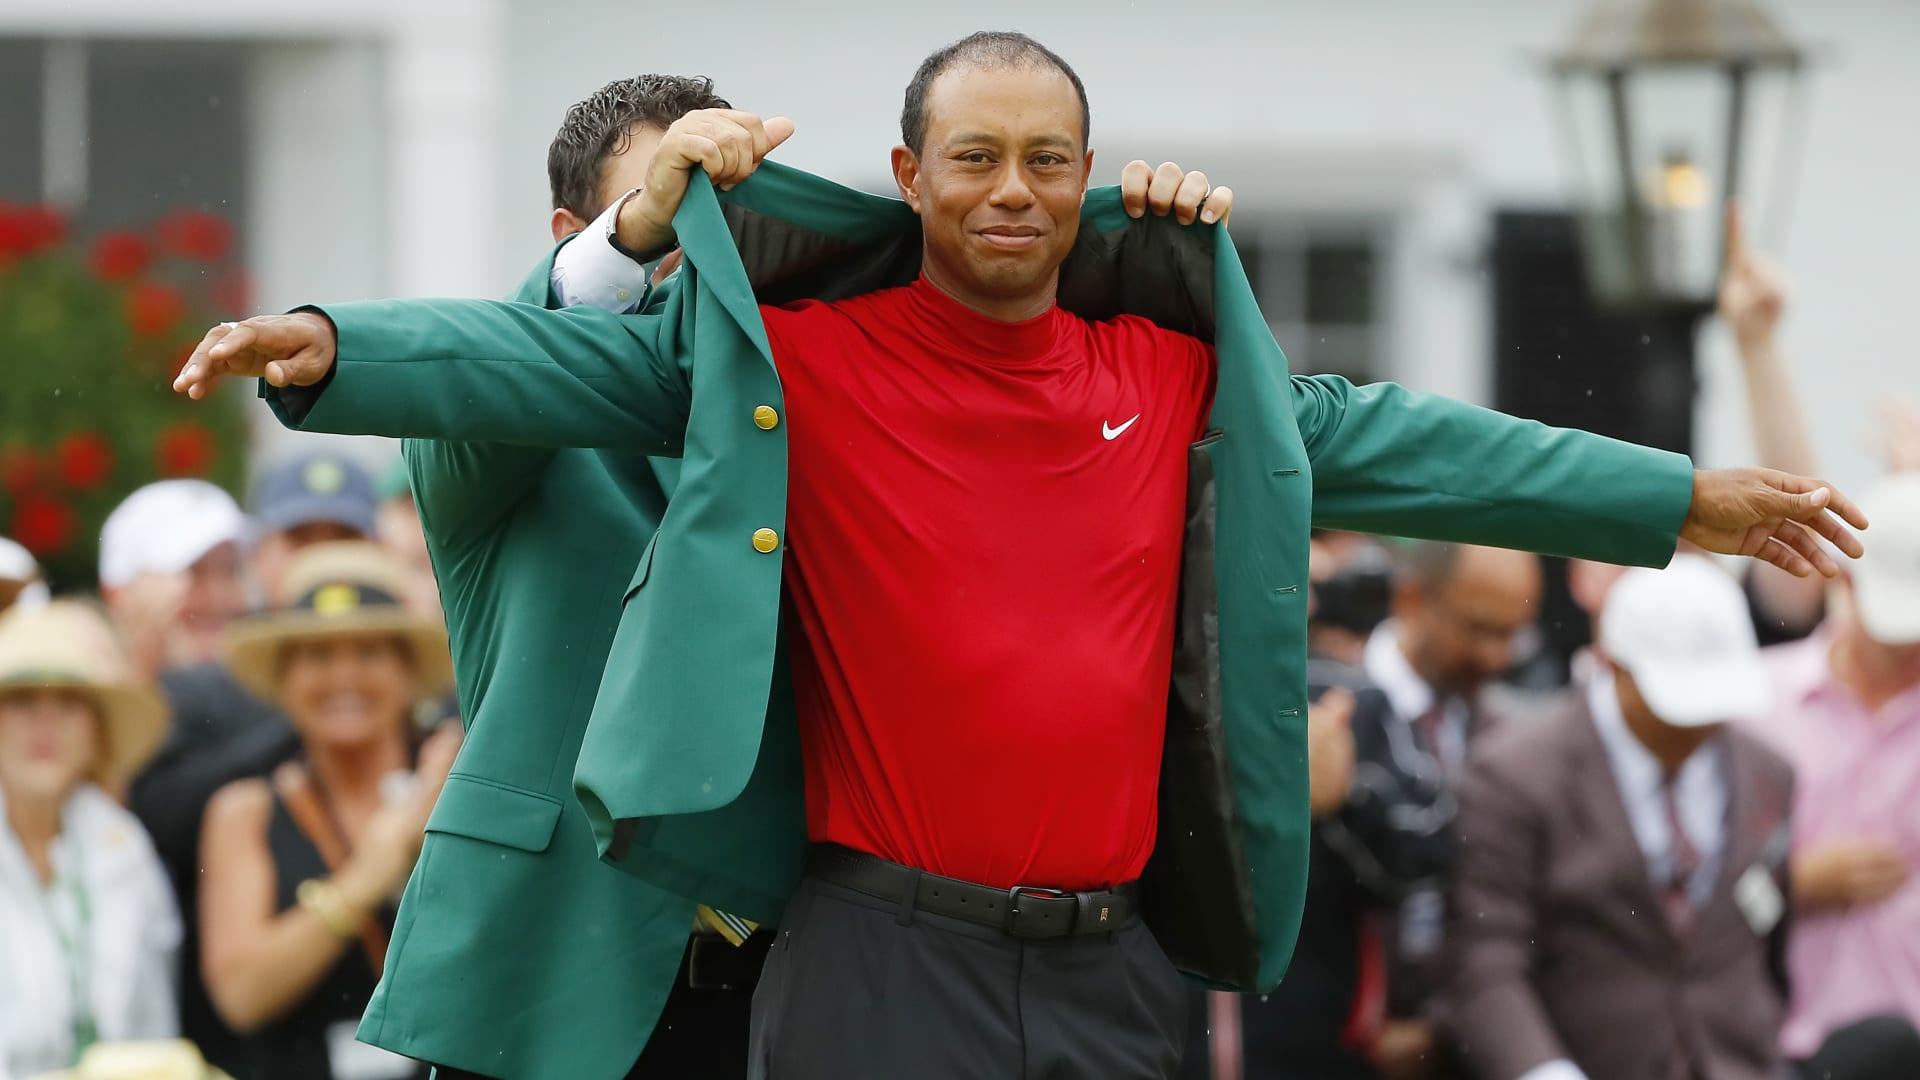 """ما هي """"السترة الخضراء"""" التي يرغب لاعبون الغولف الفوز بشدة بها؟"""